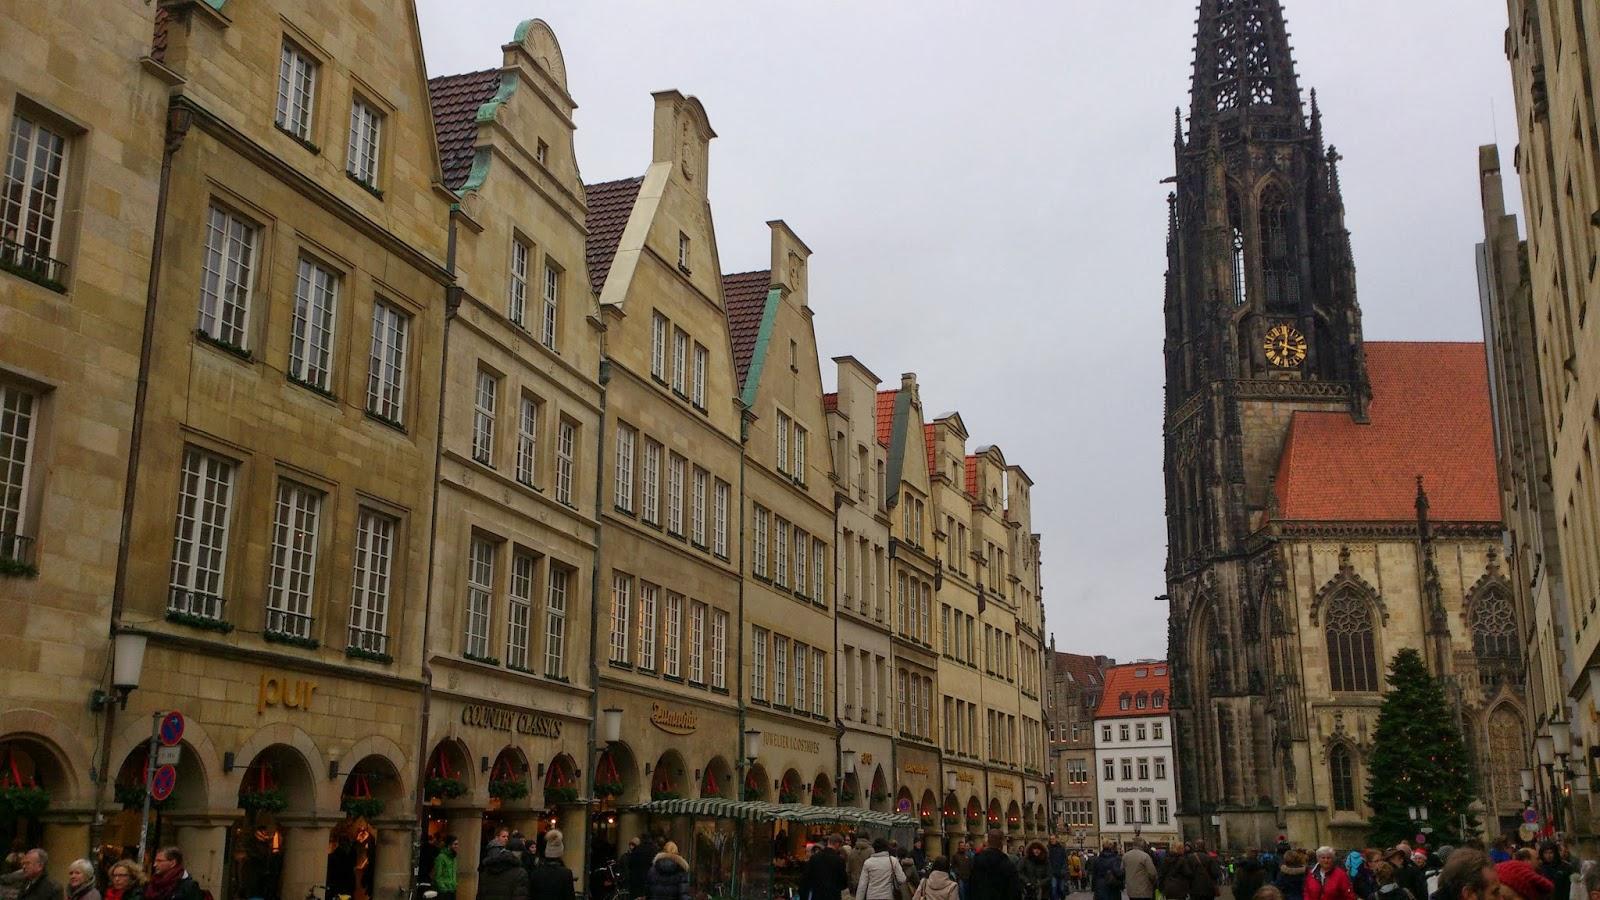 Mischas Reiseseite Ein Kurzer Ausflug Nach Münster